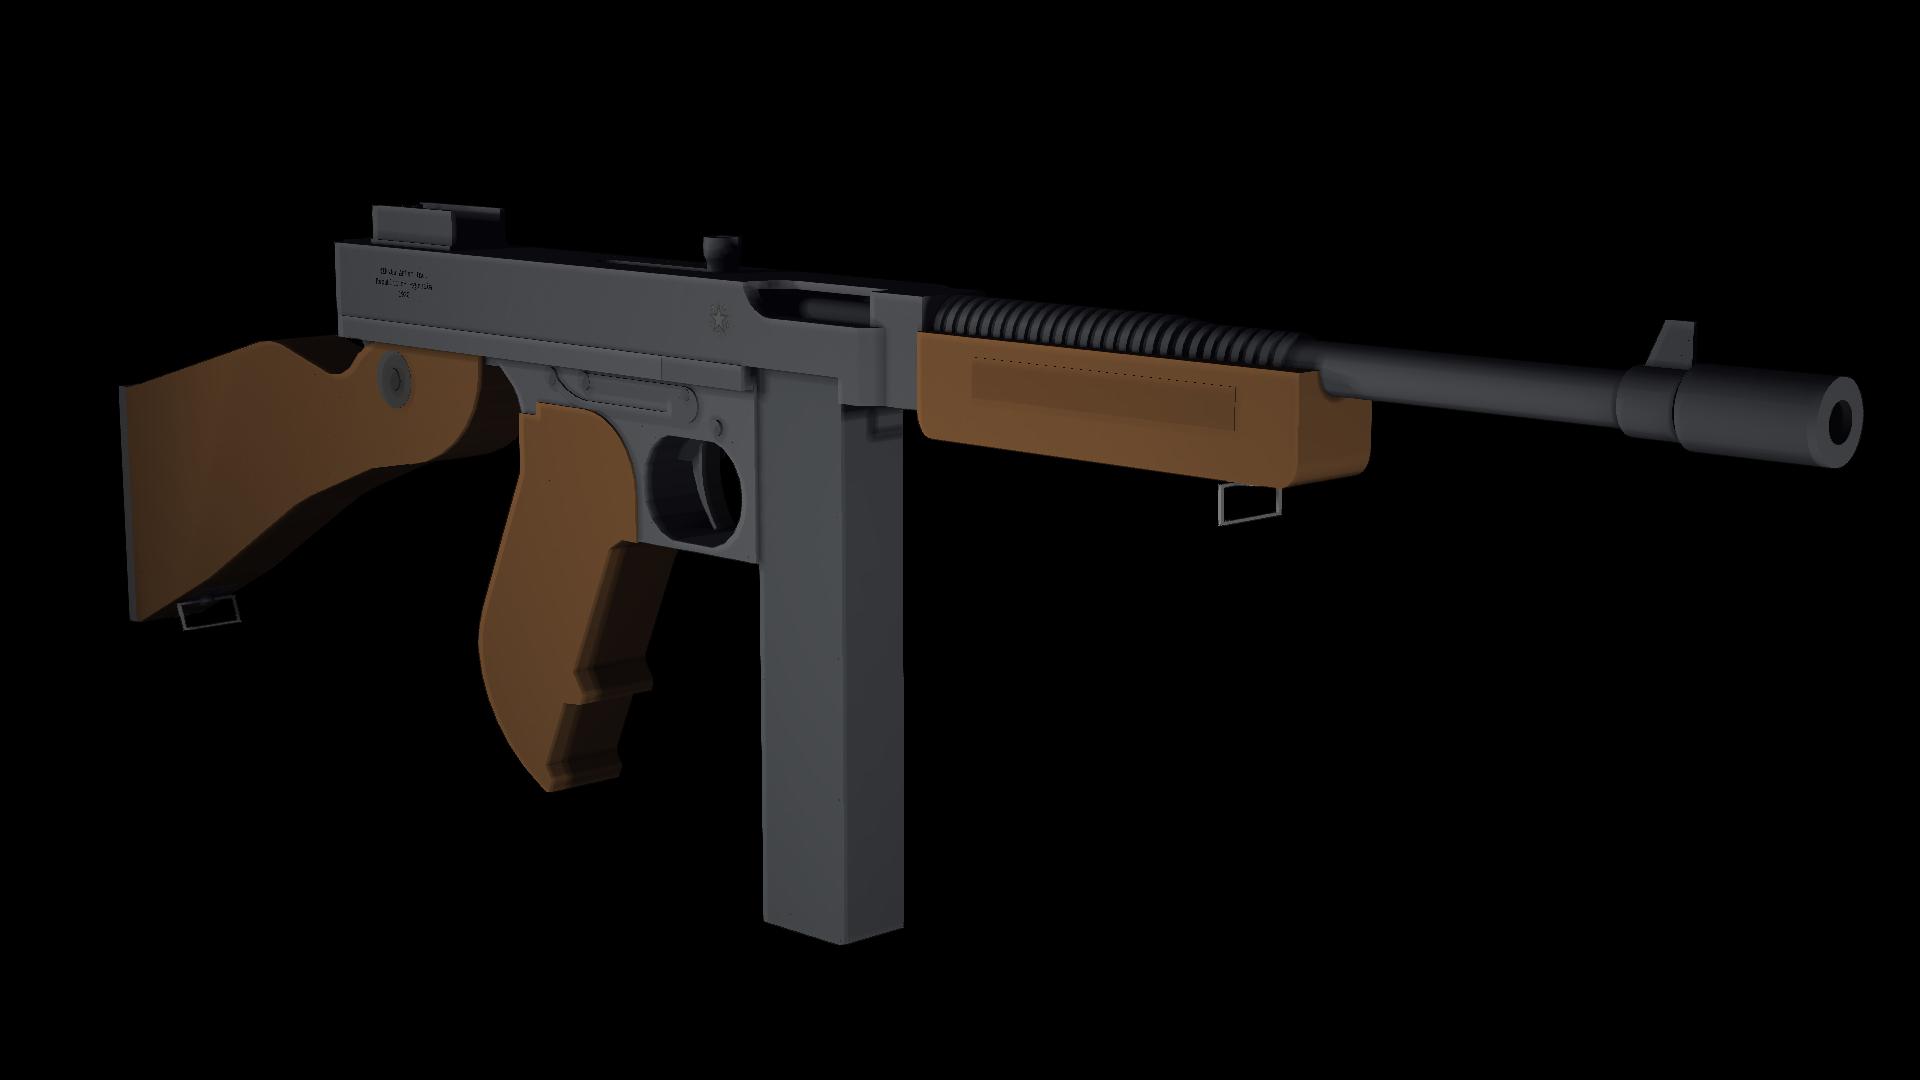 7_mar_21_guns-r_tom.png